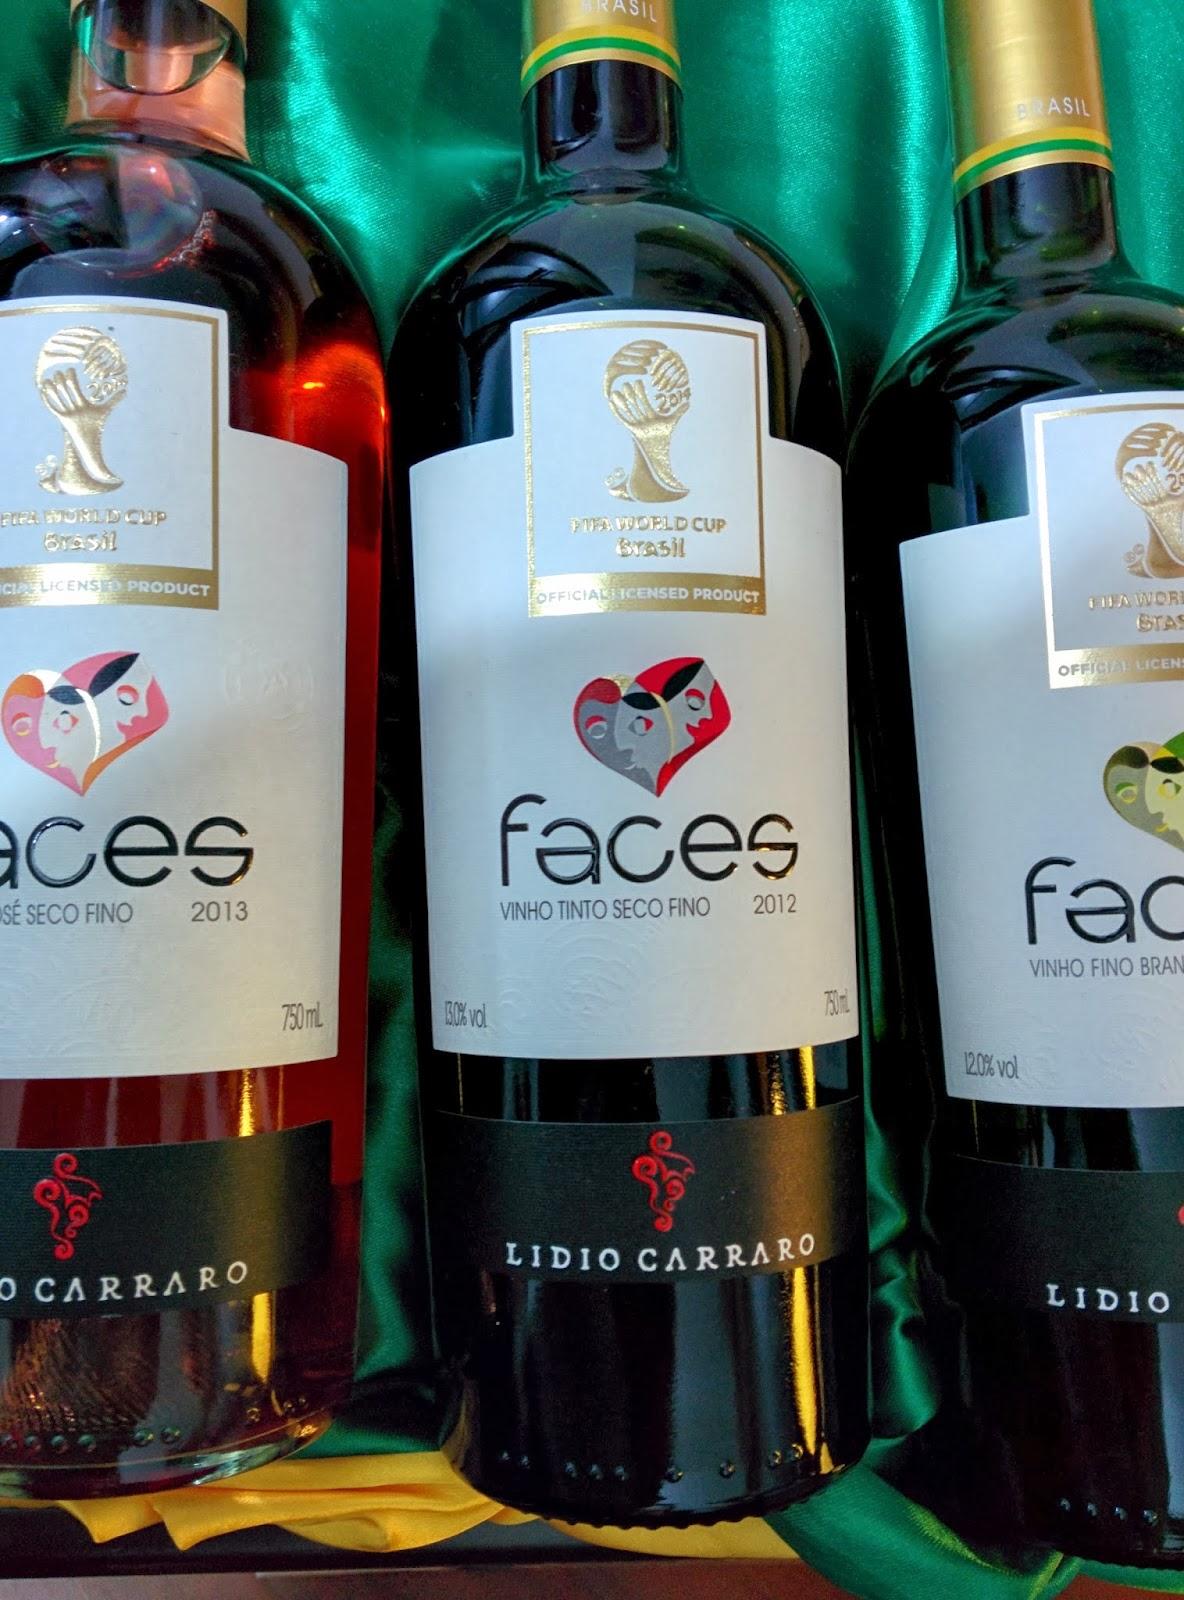 Les infos qu'il me fallait à propos du vin primeur